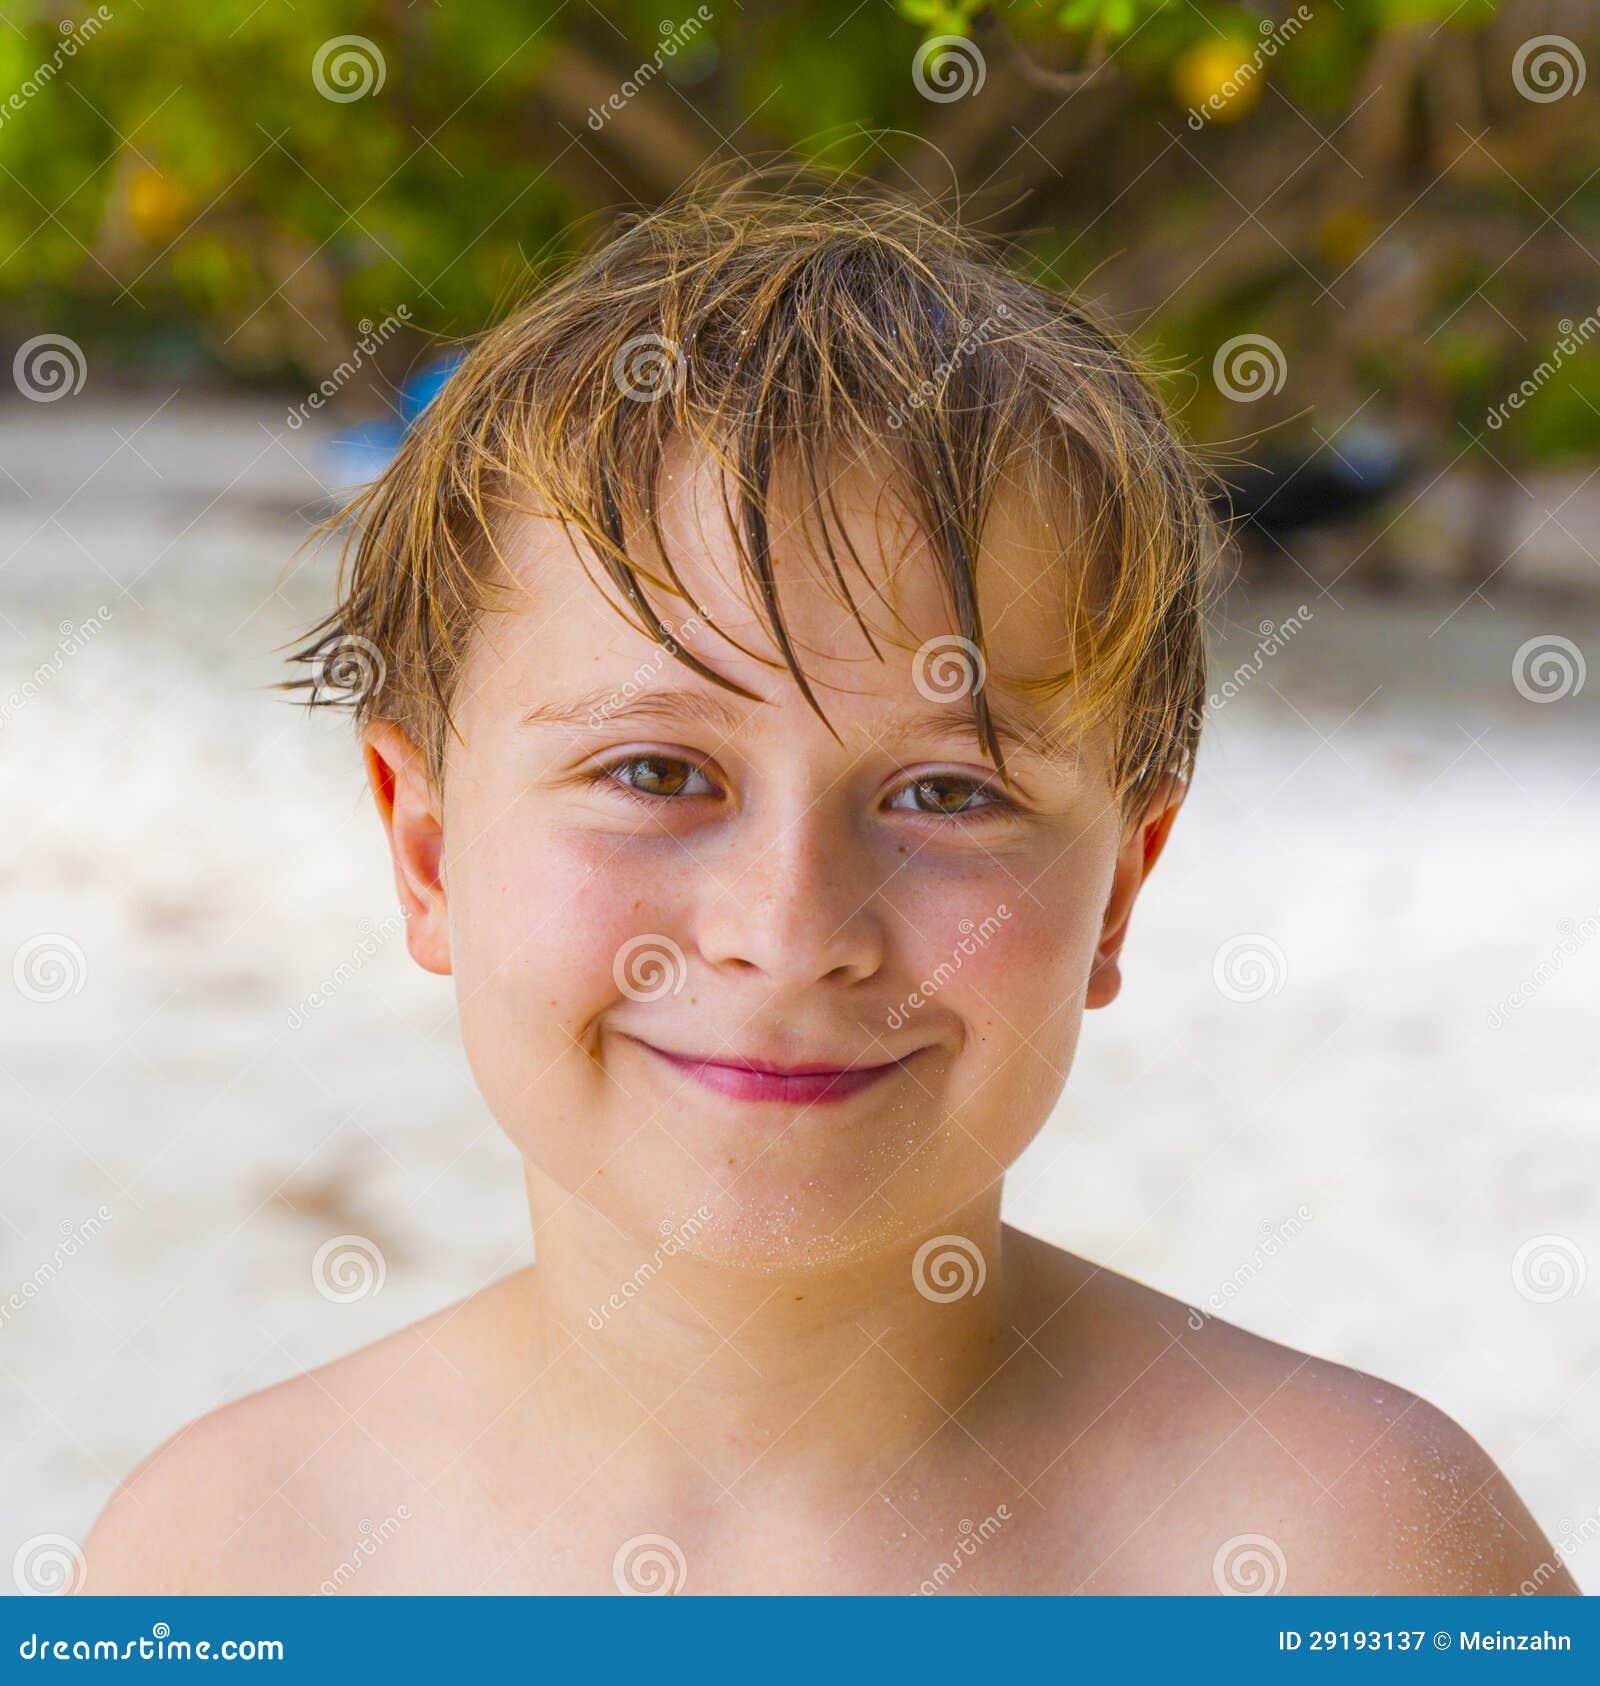 De Gelukkige Jonge Jongen Met Bruin Haar Geniet Van Het Strand Stock Afbeelding - Afbeelding